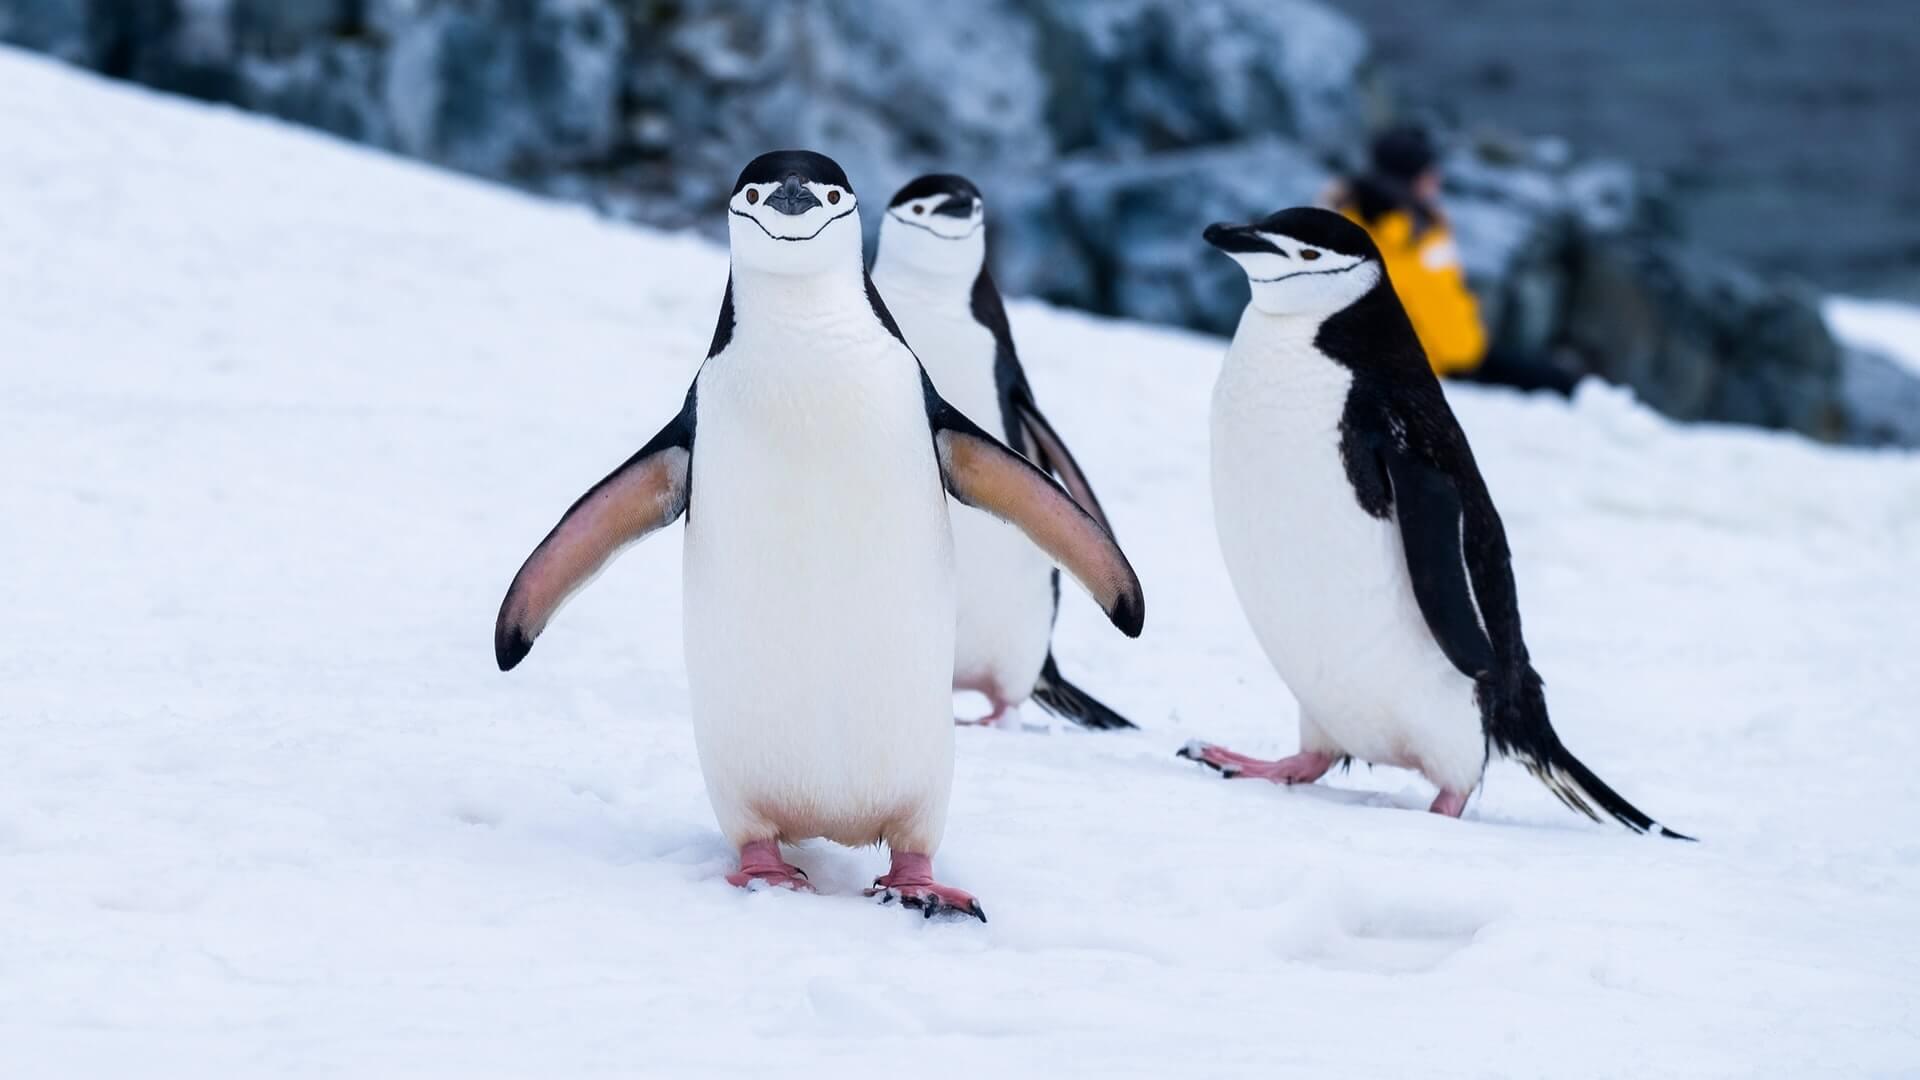 two penguins in Antarctica - bucket list trips